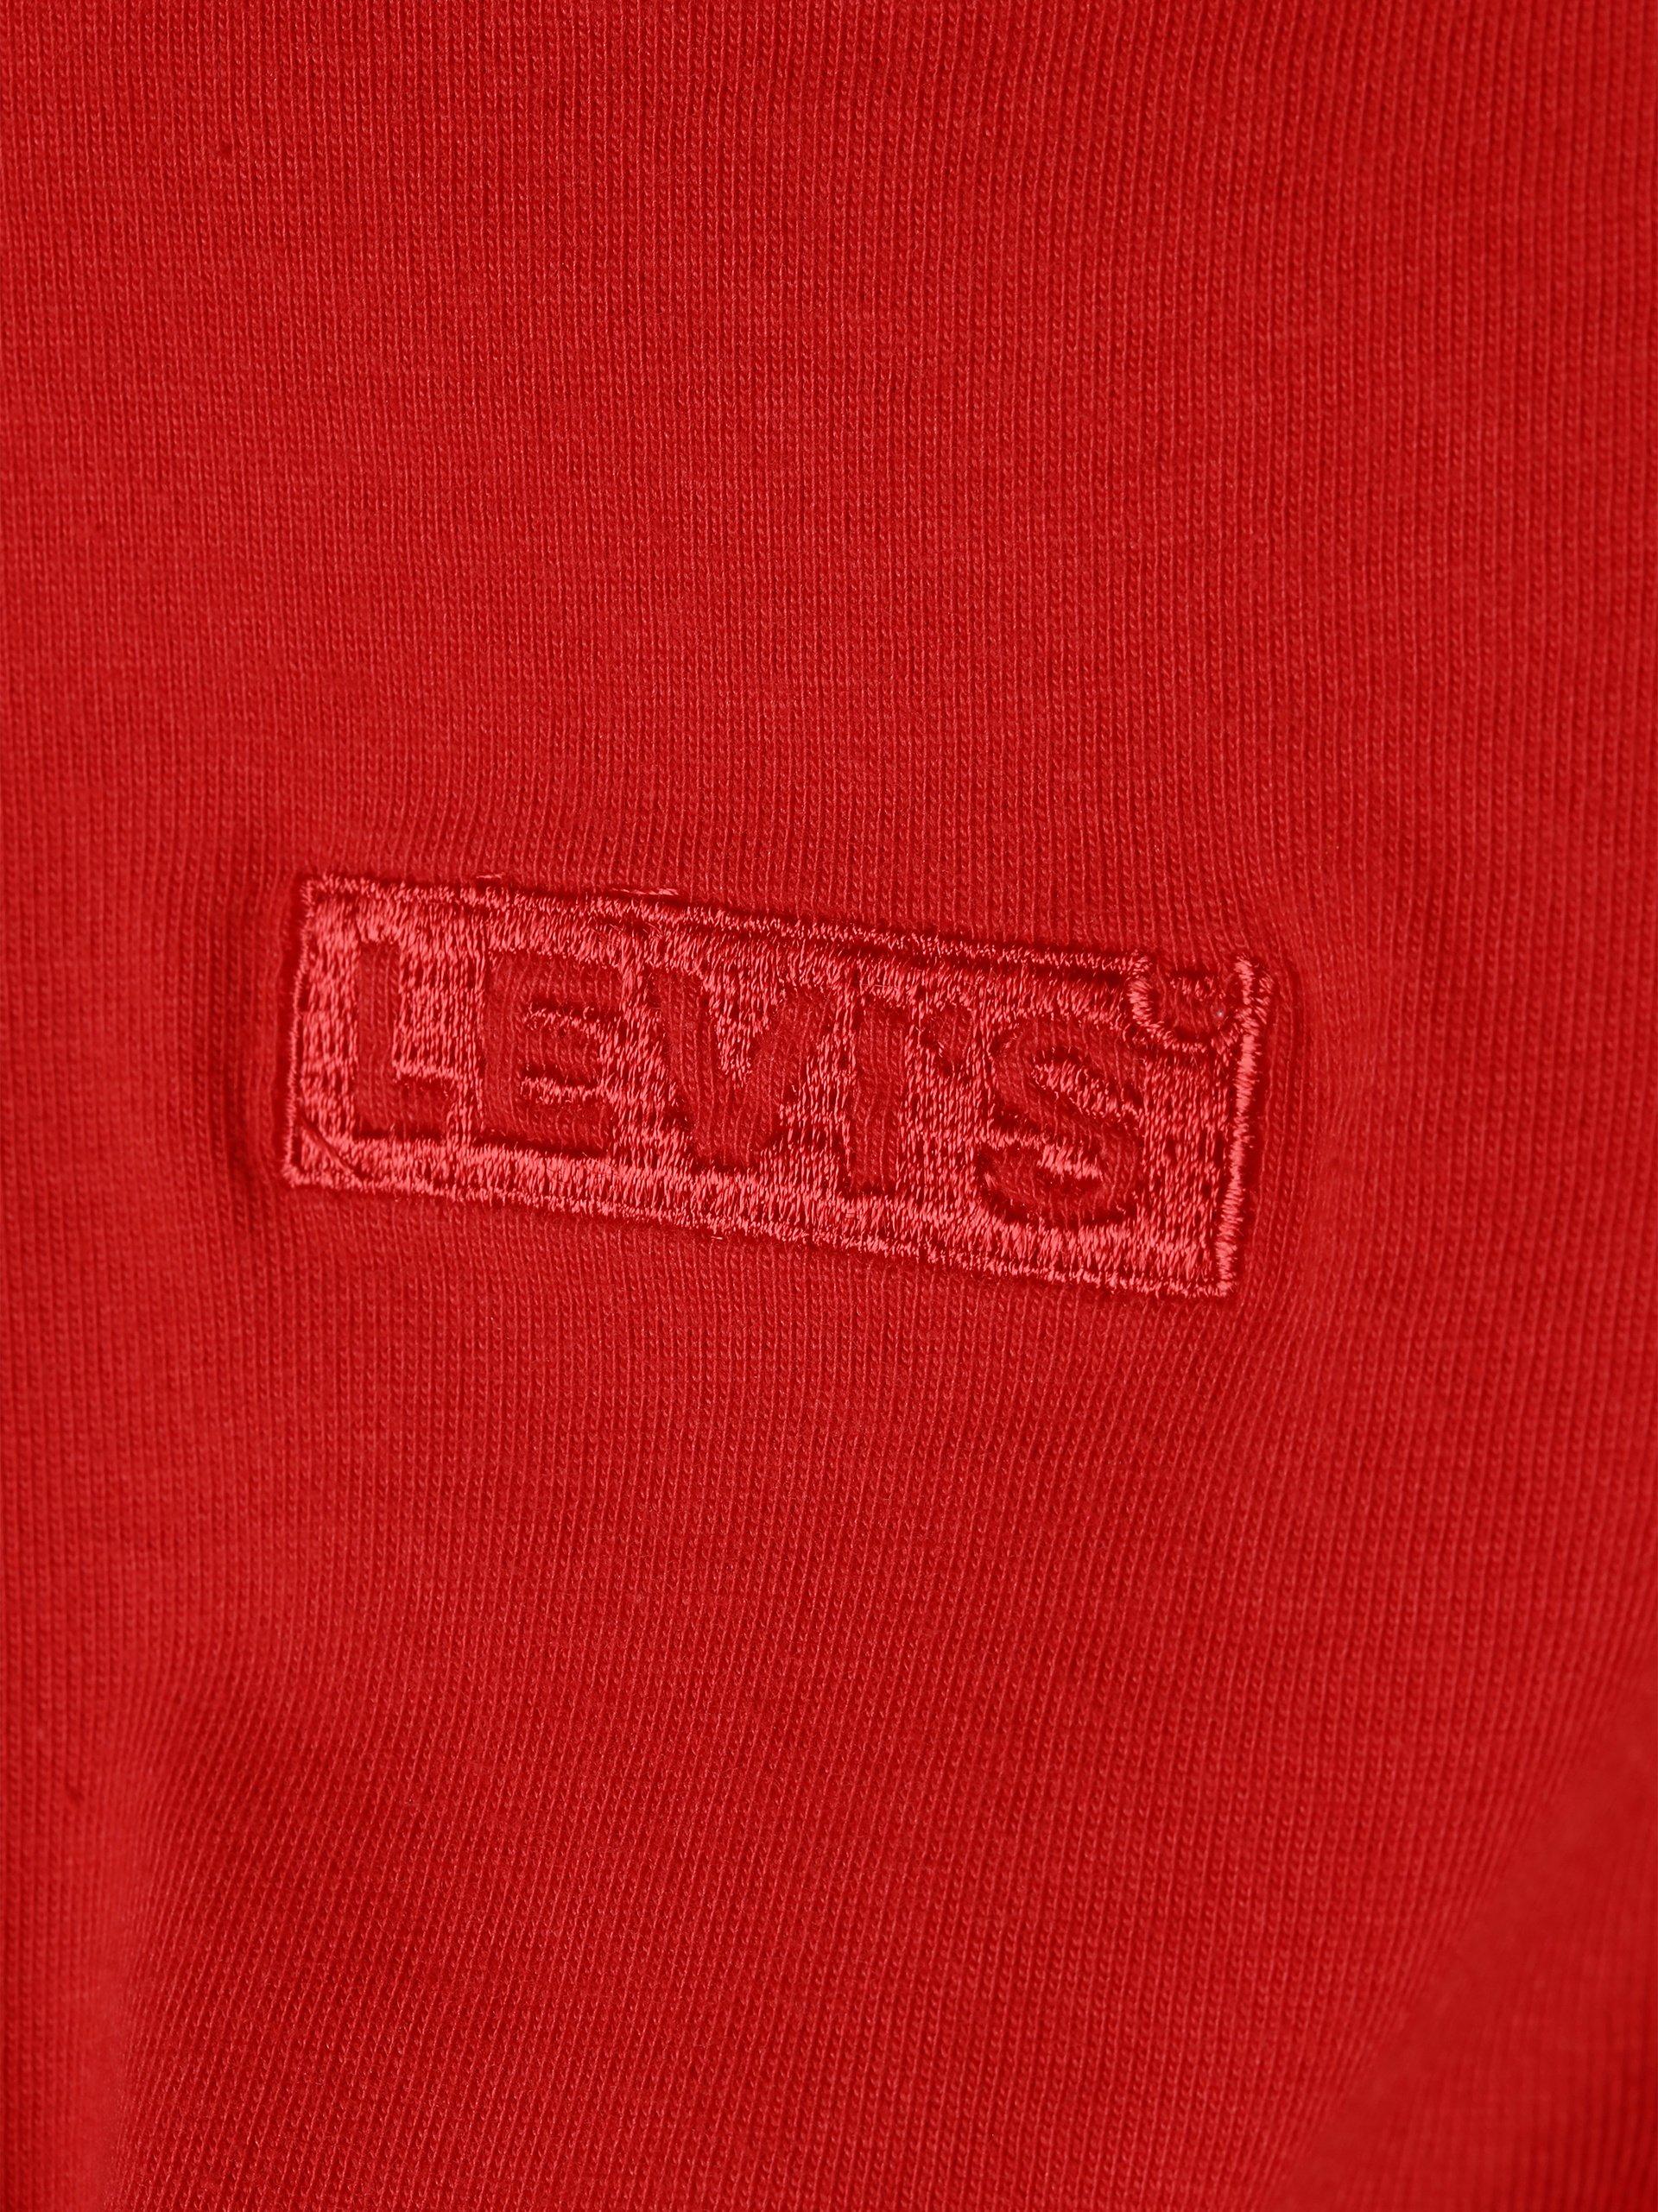 Levi\'s T-shirt damski